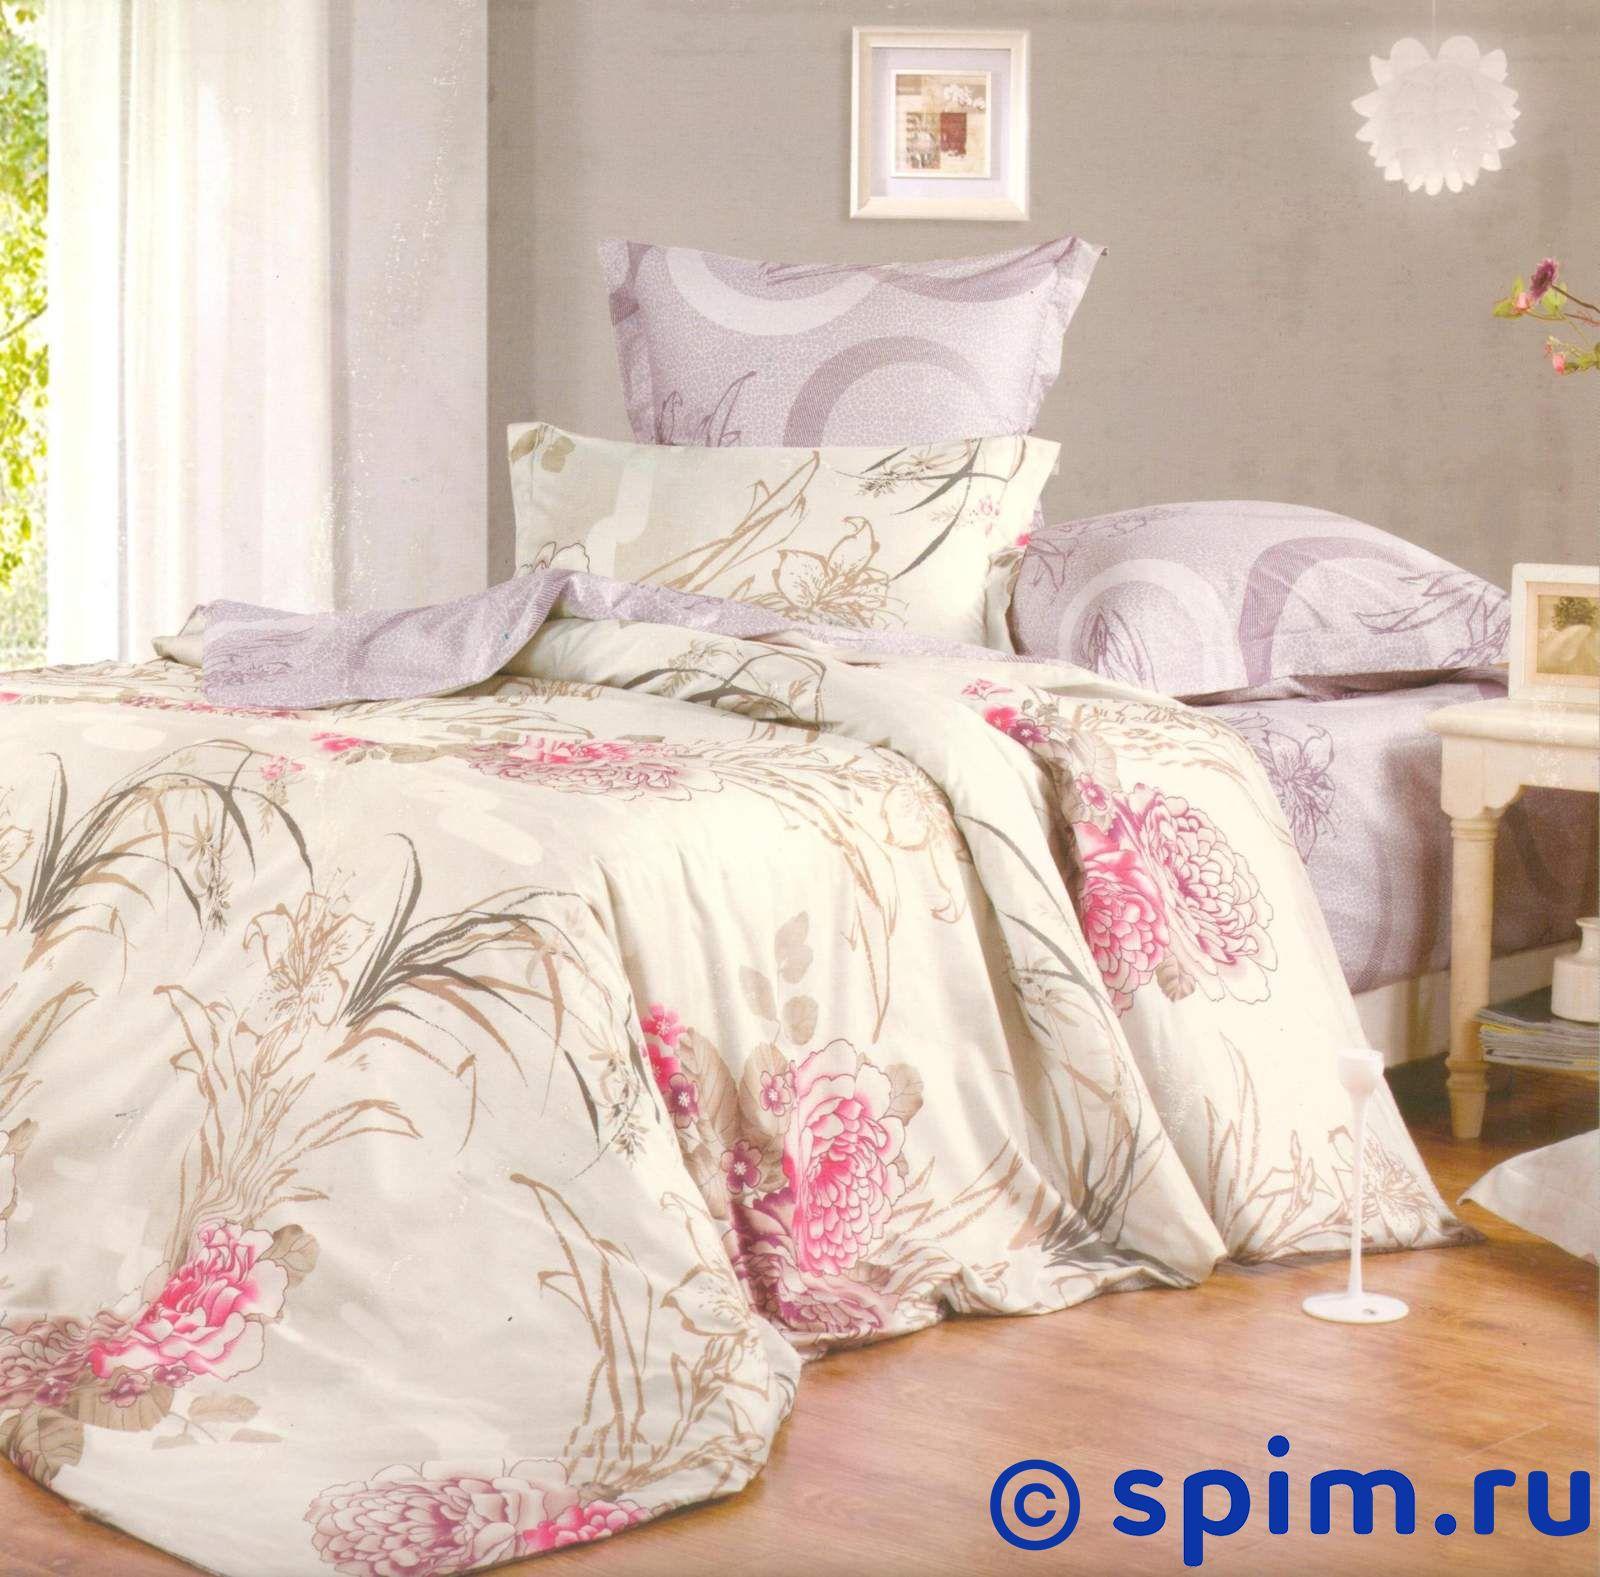 Комплект СайлиД В106 1.5 спальное